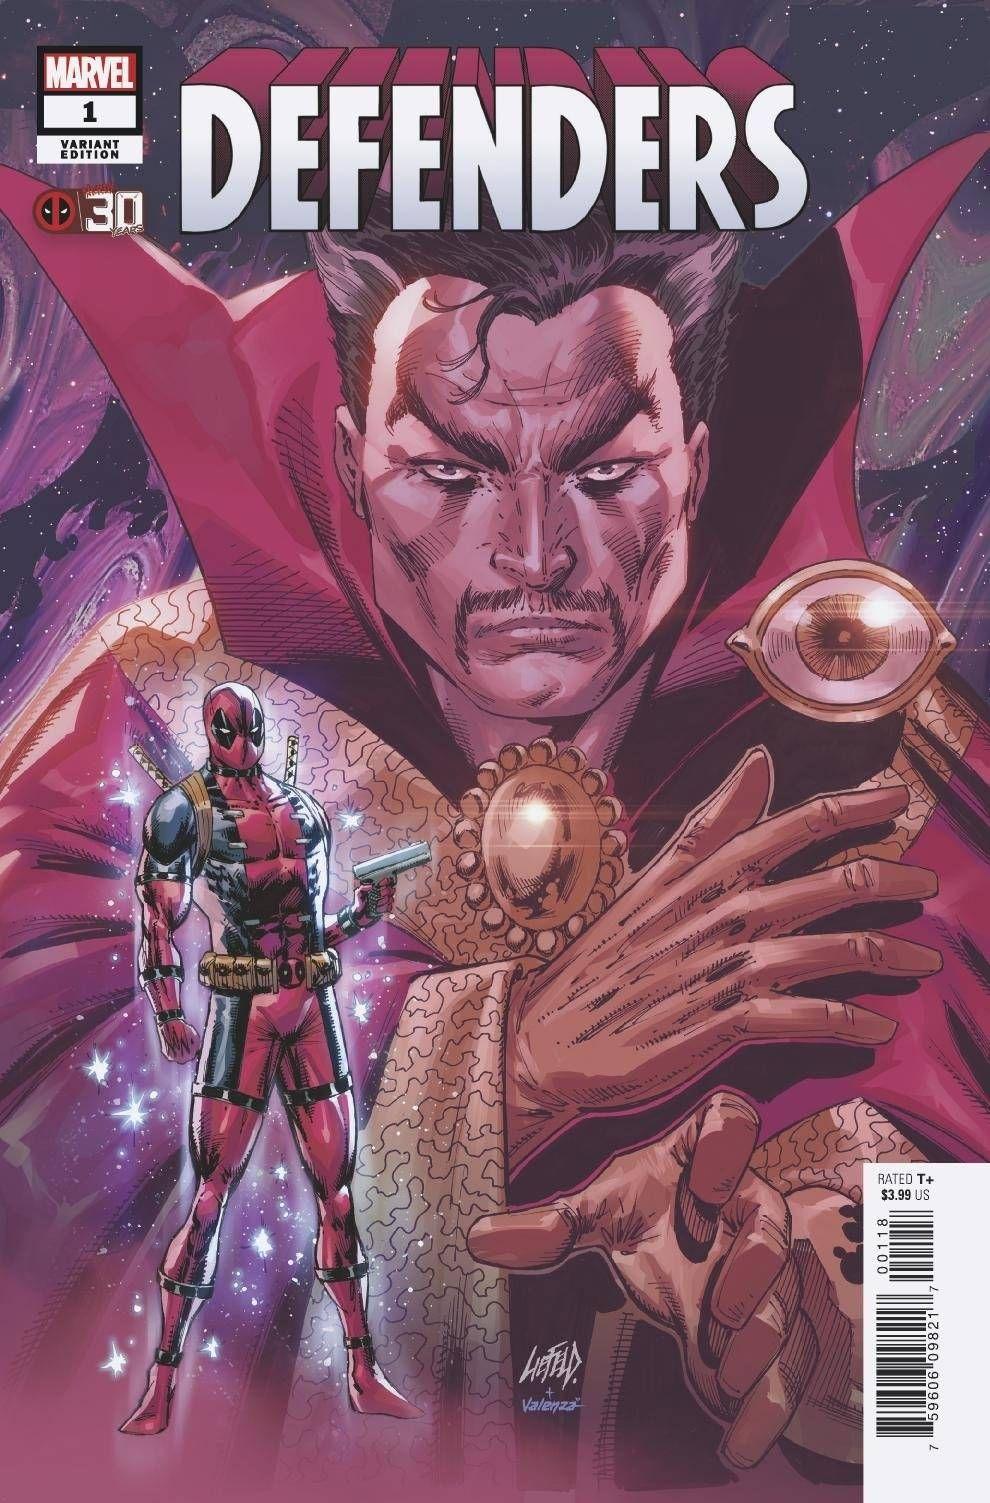 eyJidWNrZXQiOiJnb2NvbGxlY3QuaW1hZ2VzLnB1YiIsImtleSI6IjdmM2FlMzU3LTMxNDQtNDhkNC04NDc2LTQ4Y2UzOWIwOTEzMi5qcGciLCJlZGl0cyI6W119 ComicList: Marvel Comics New Releases for 08/11/2021